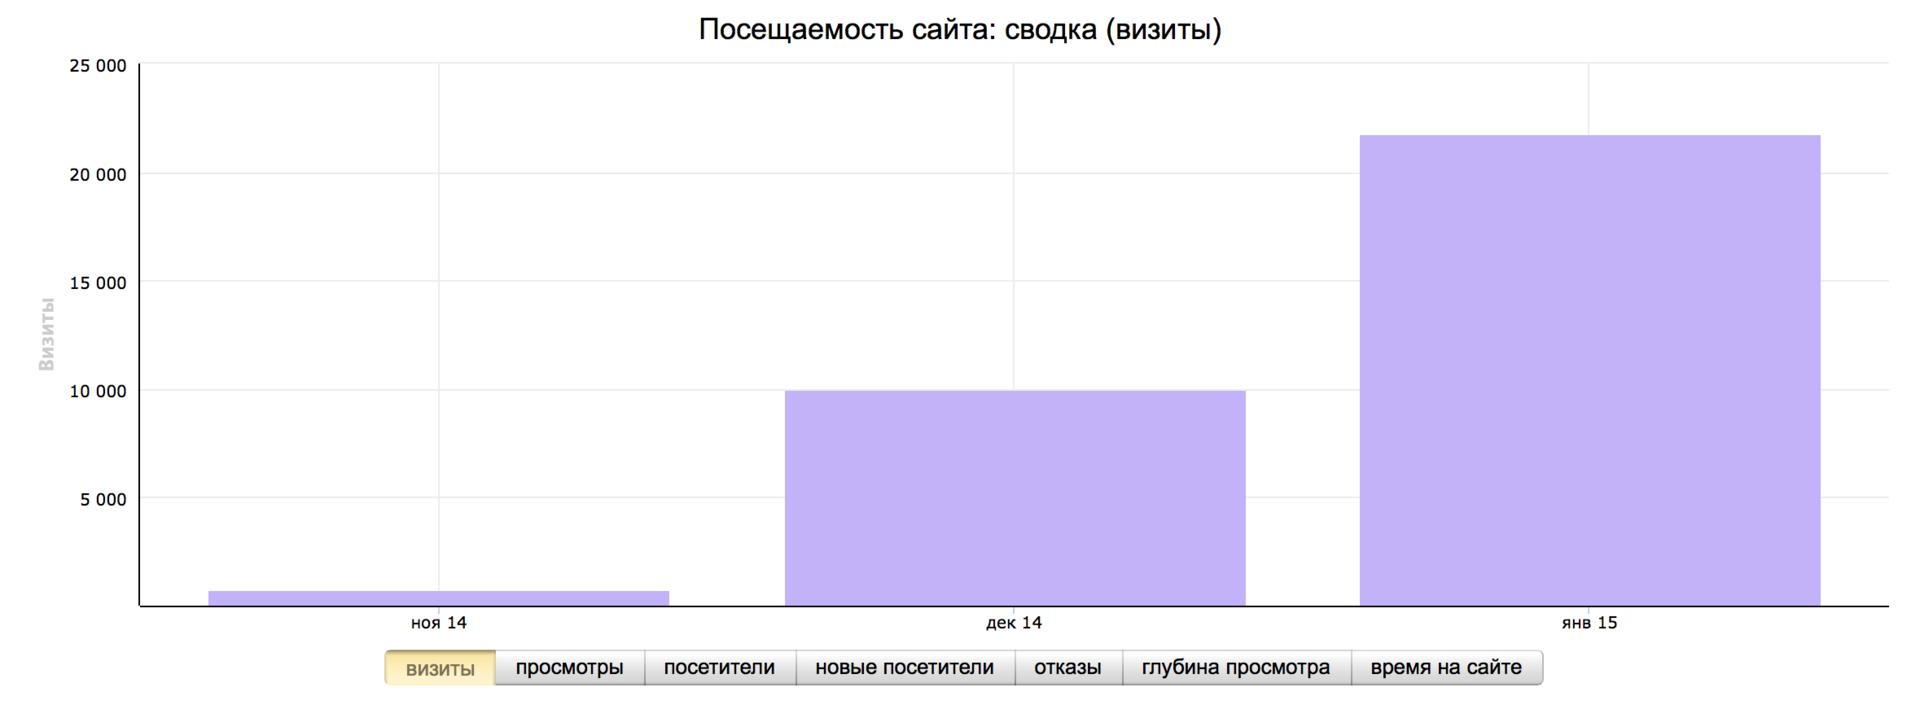 Без купюр. Второй месяц кэшбэк-сервиса CloverR в России - 2